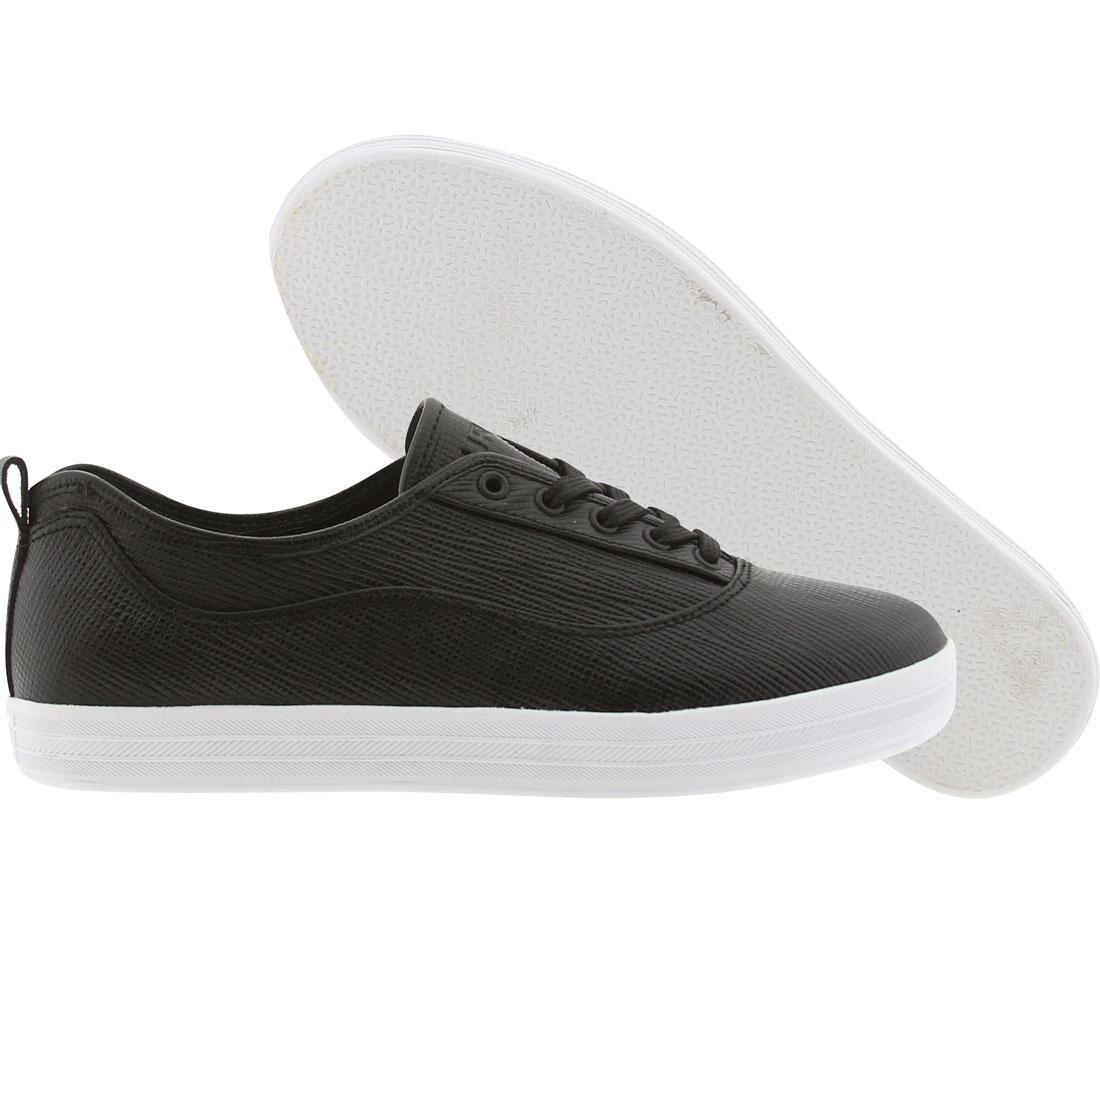 【海外限定】グルメ レザー L'TRE スニーカー メンズ靴 【 GOURMET EPI LEATHER PACK BLACK WHITE 】